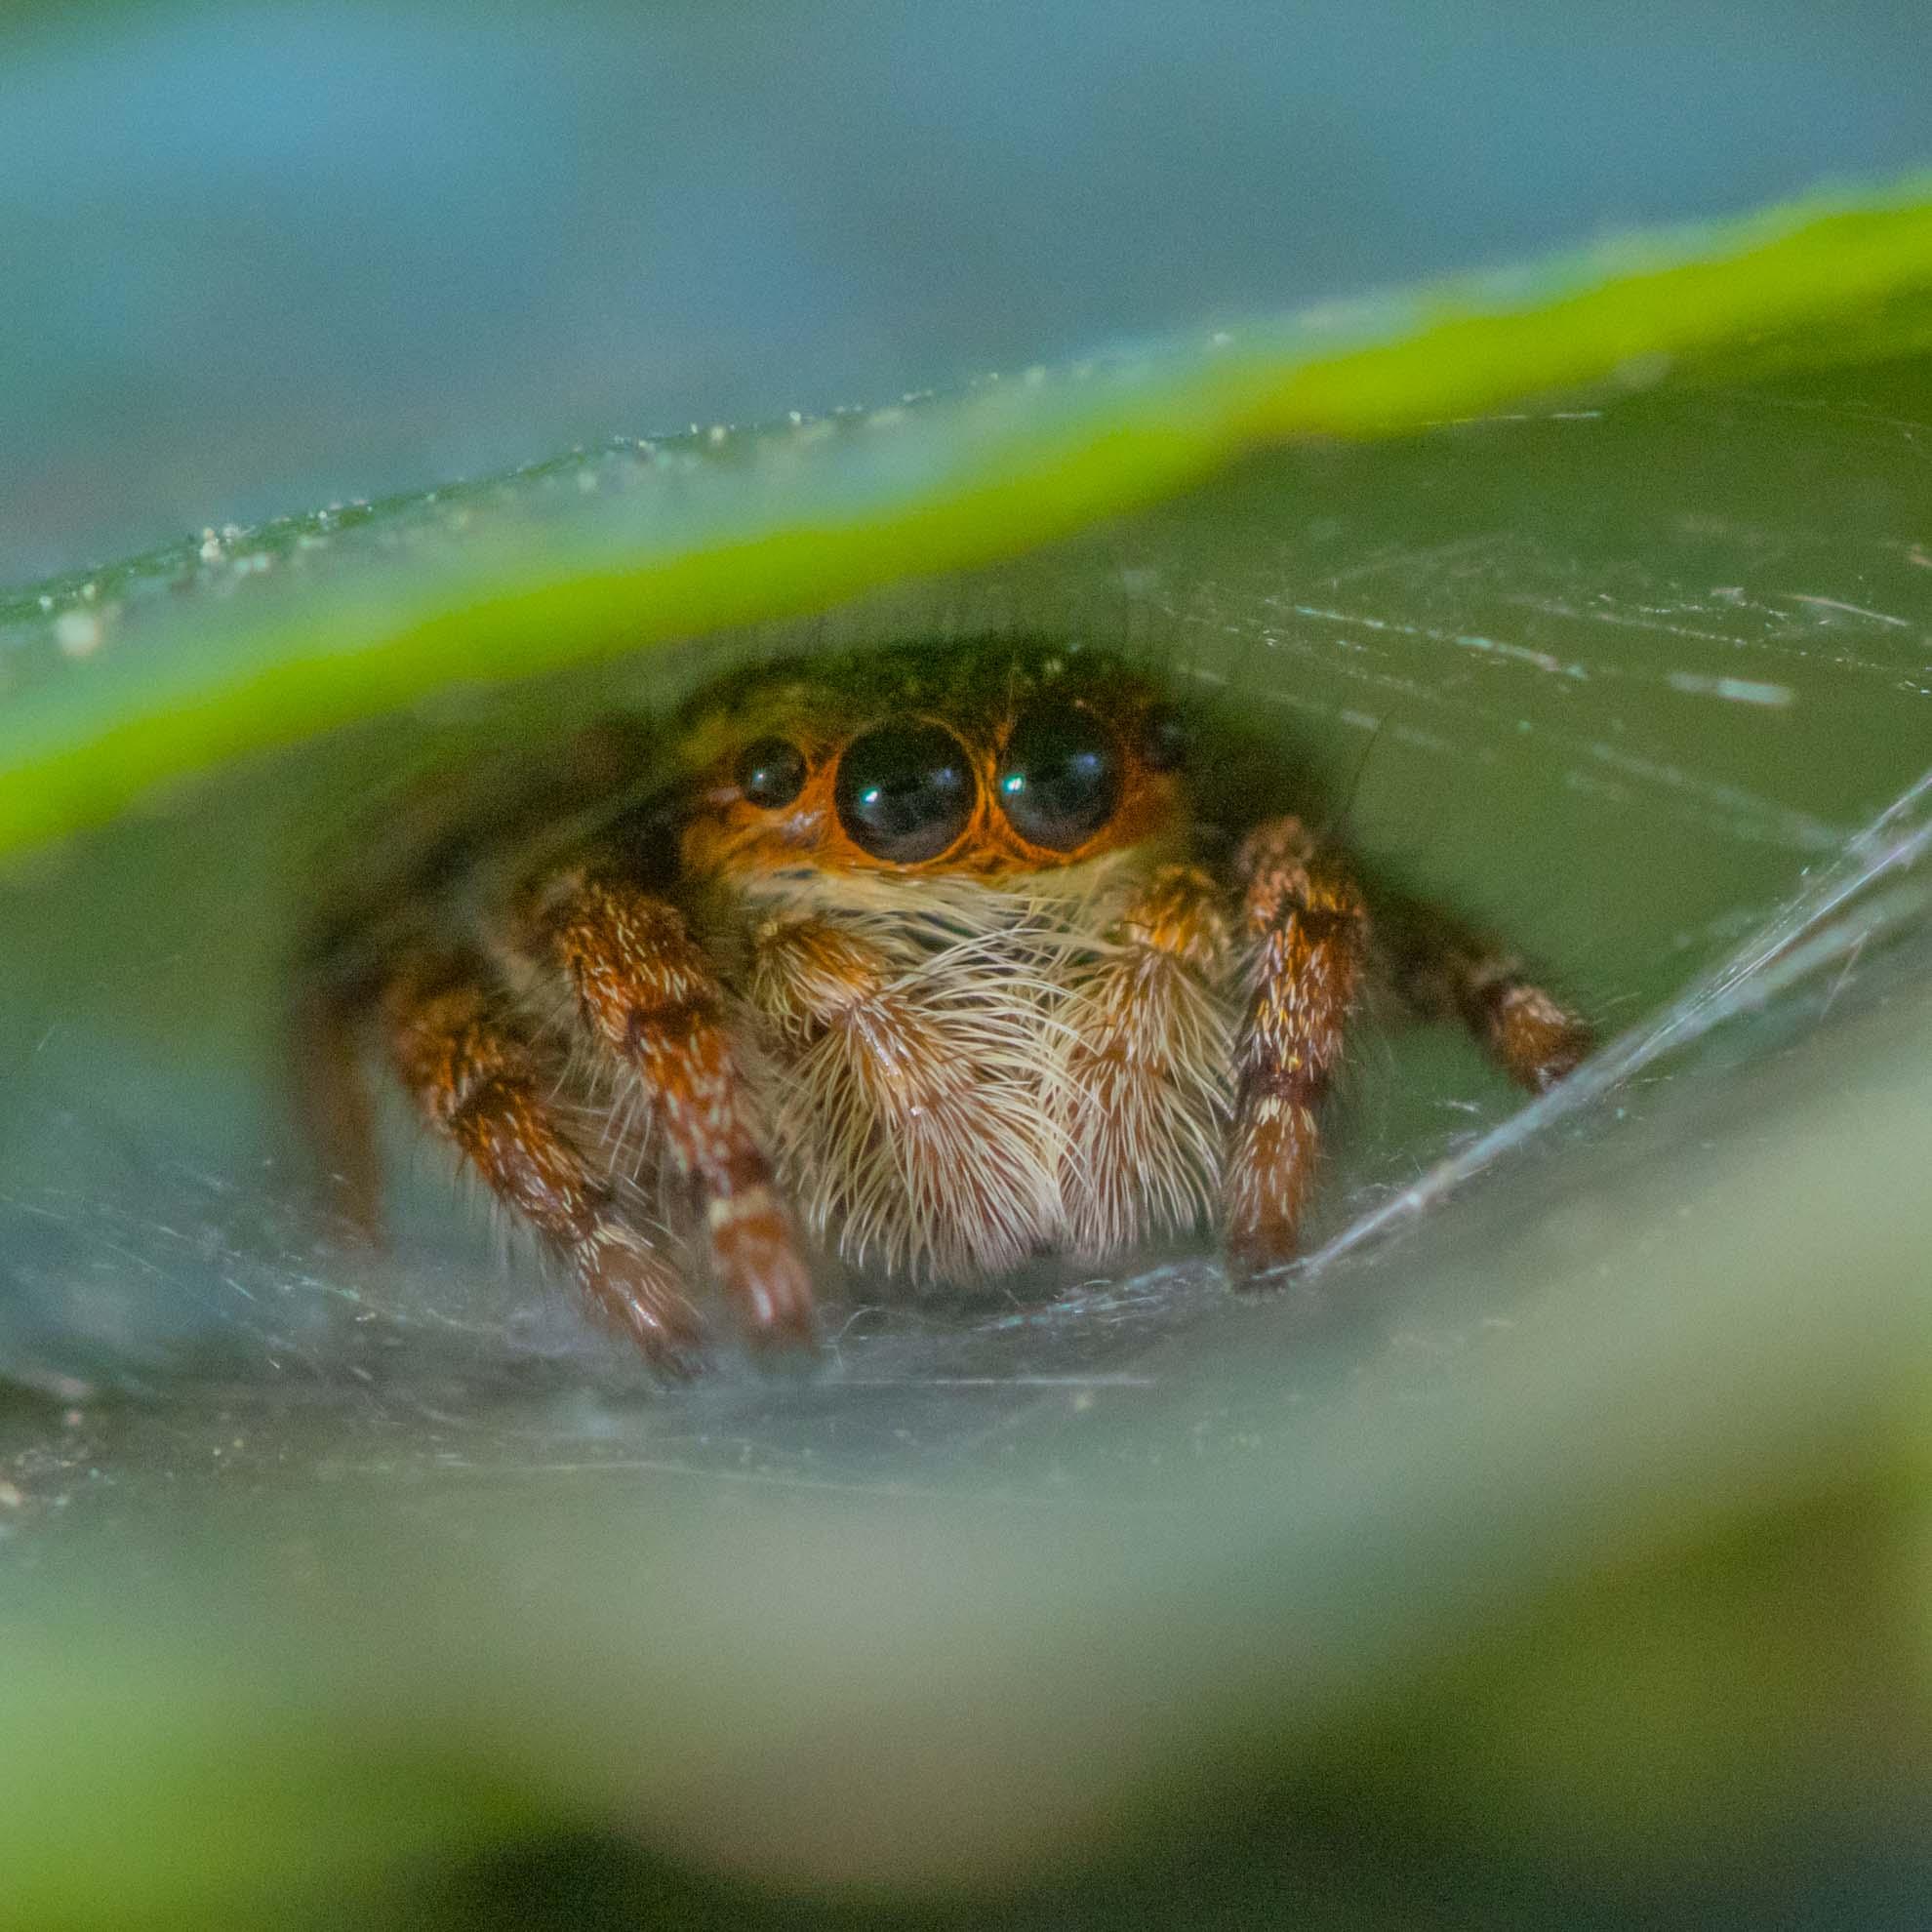 撮影中、葉の中に隠れるハエトリグモ